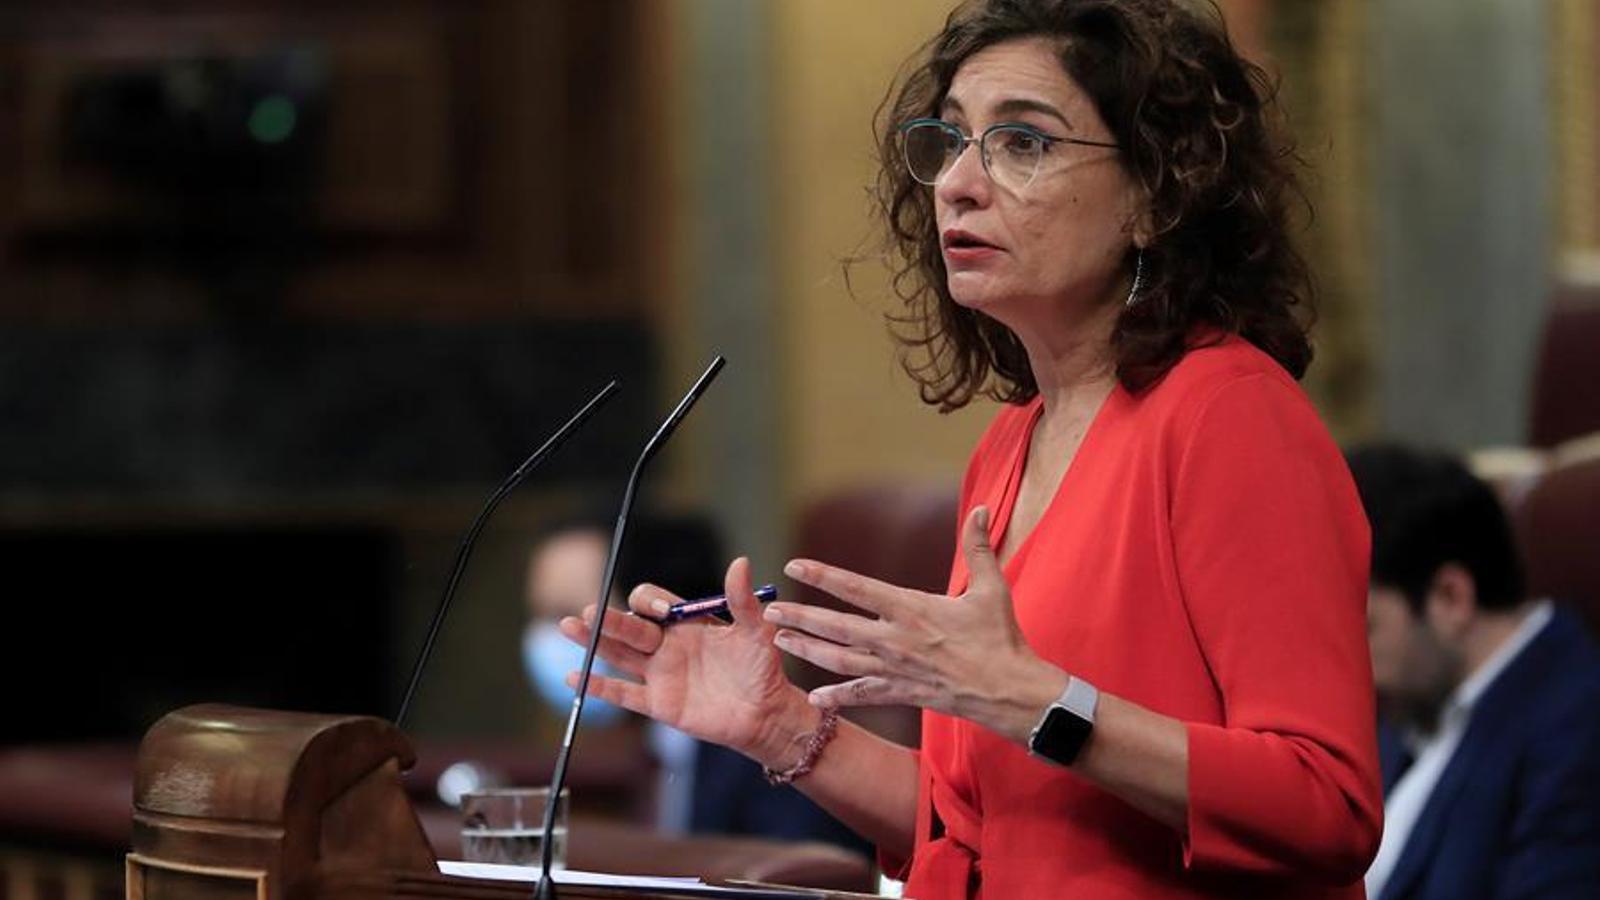 EN DIRECTE | El Congrés debat la suspensió de les regles fiscals